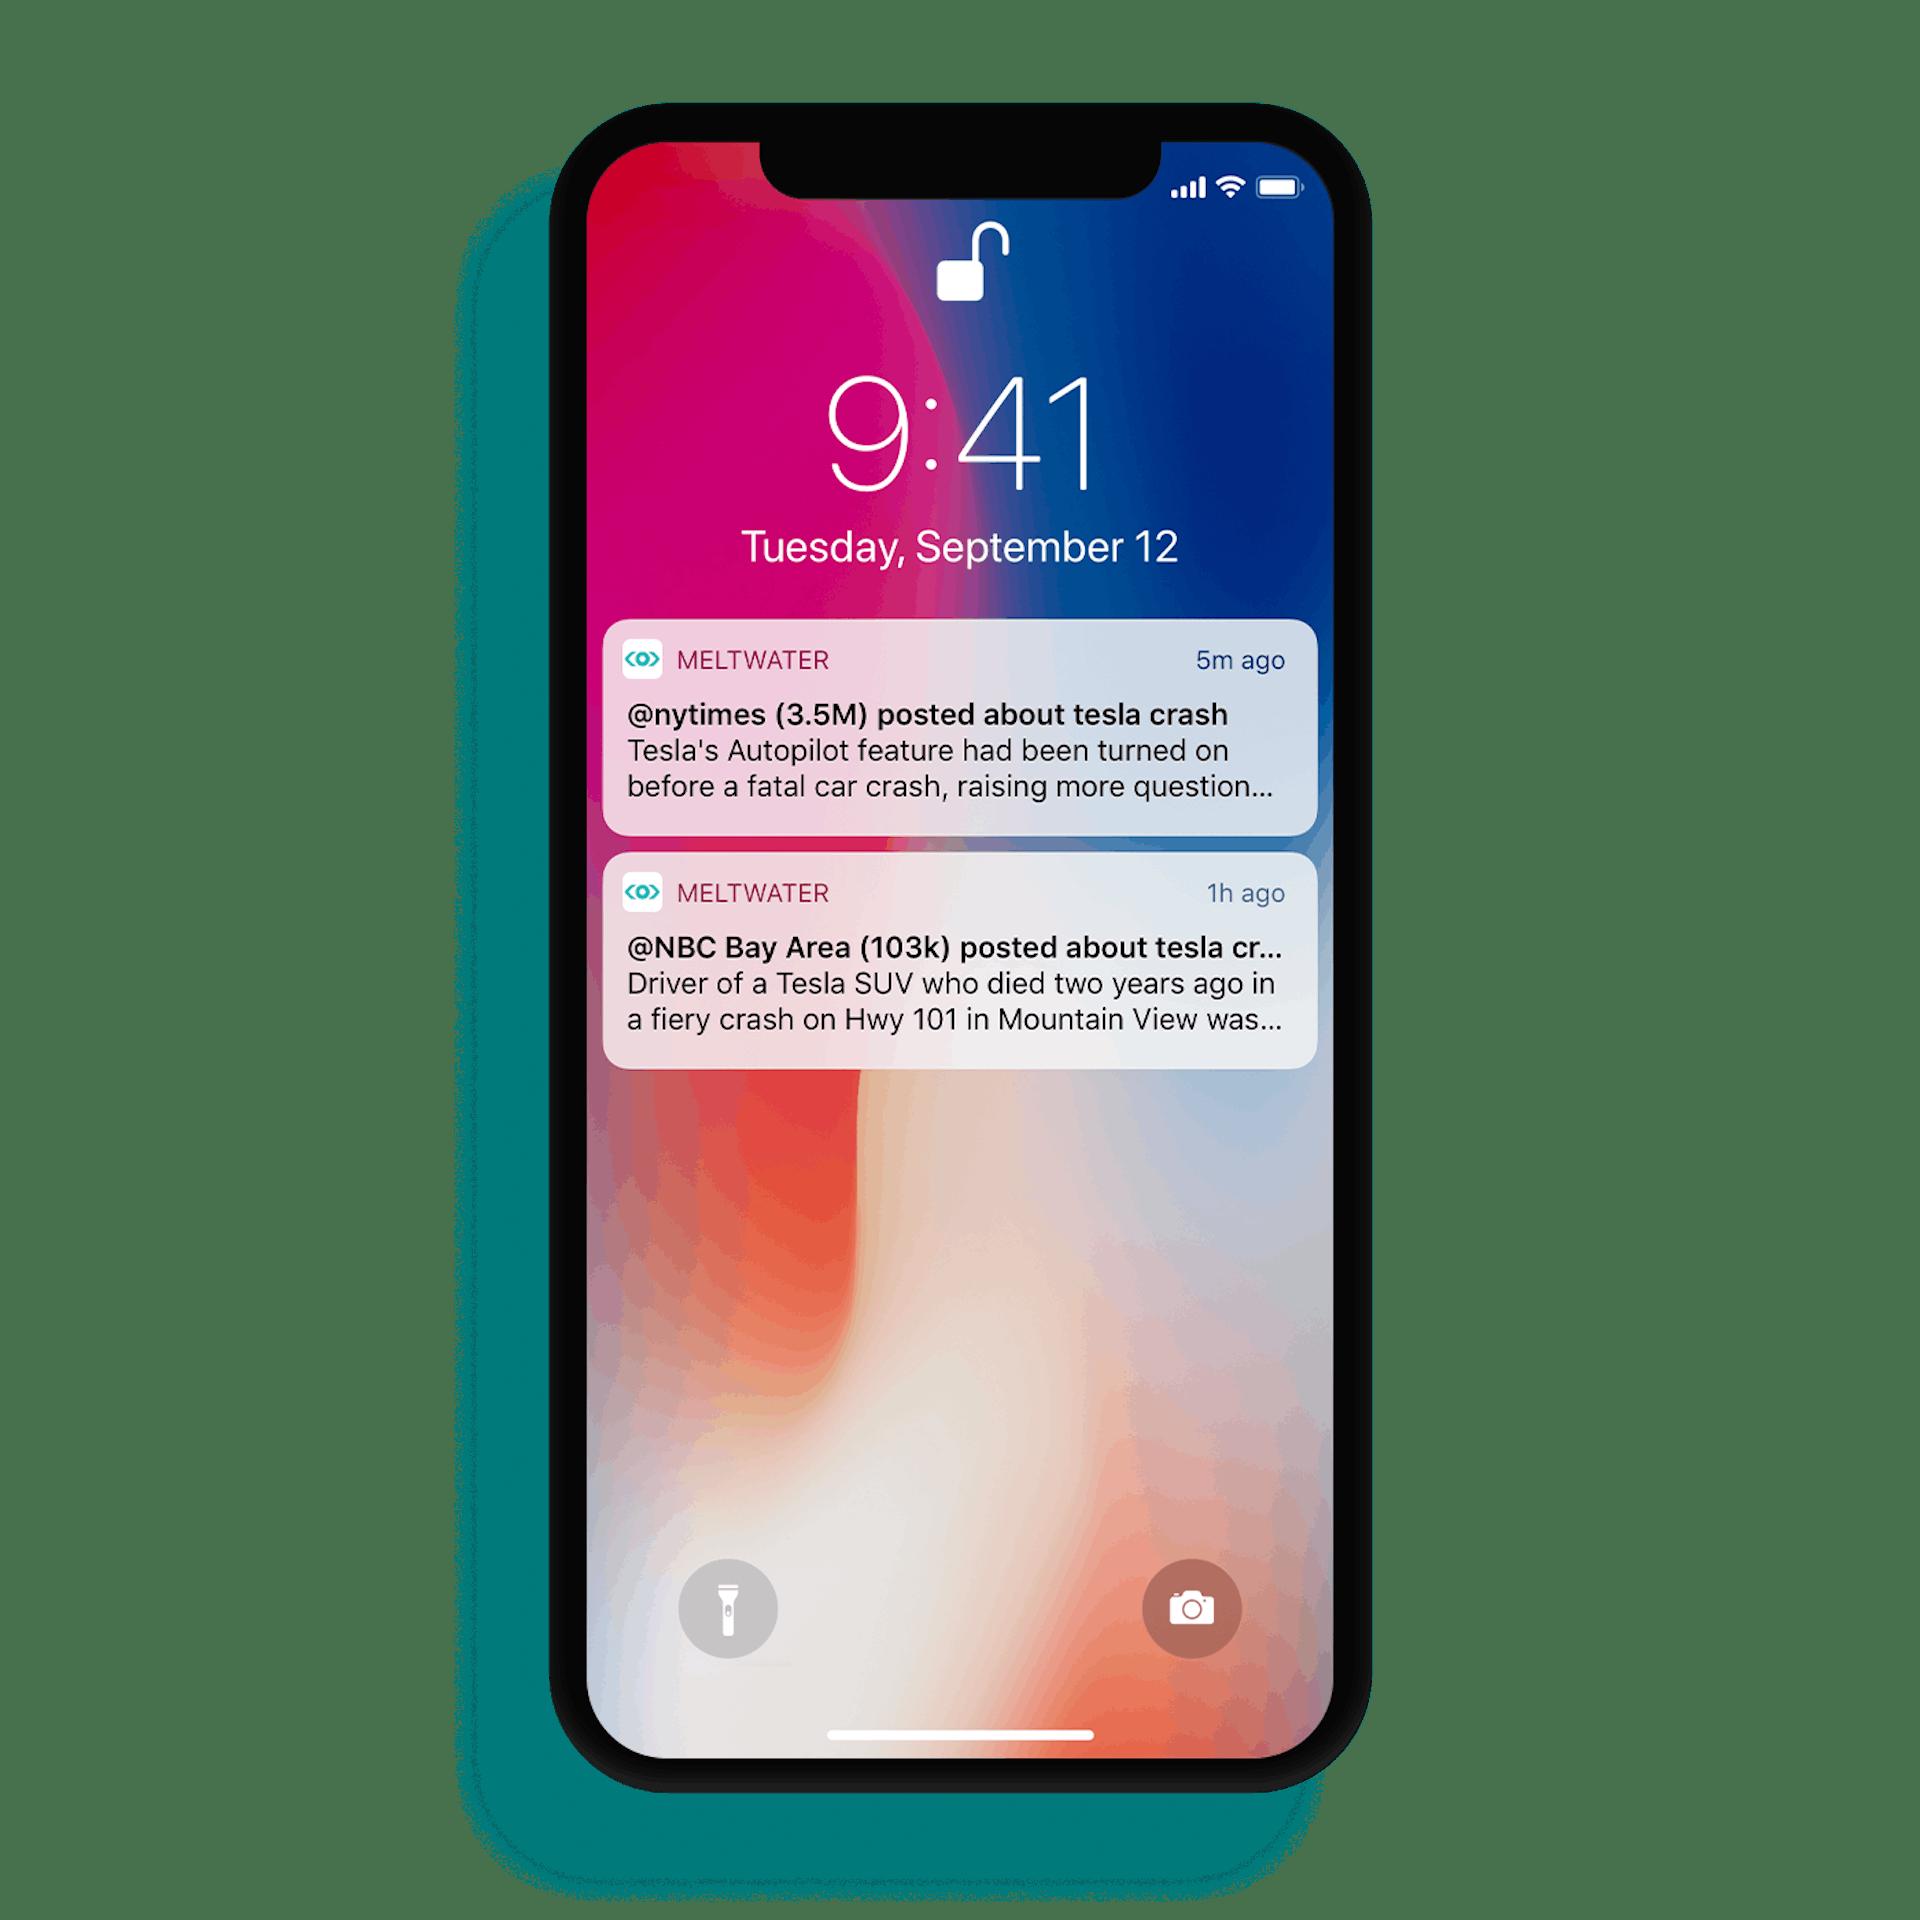 Älypuhelimen näytöllä ilmoituksia Meltwaterin mobiiliapplikaatiosta